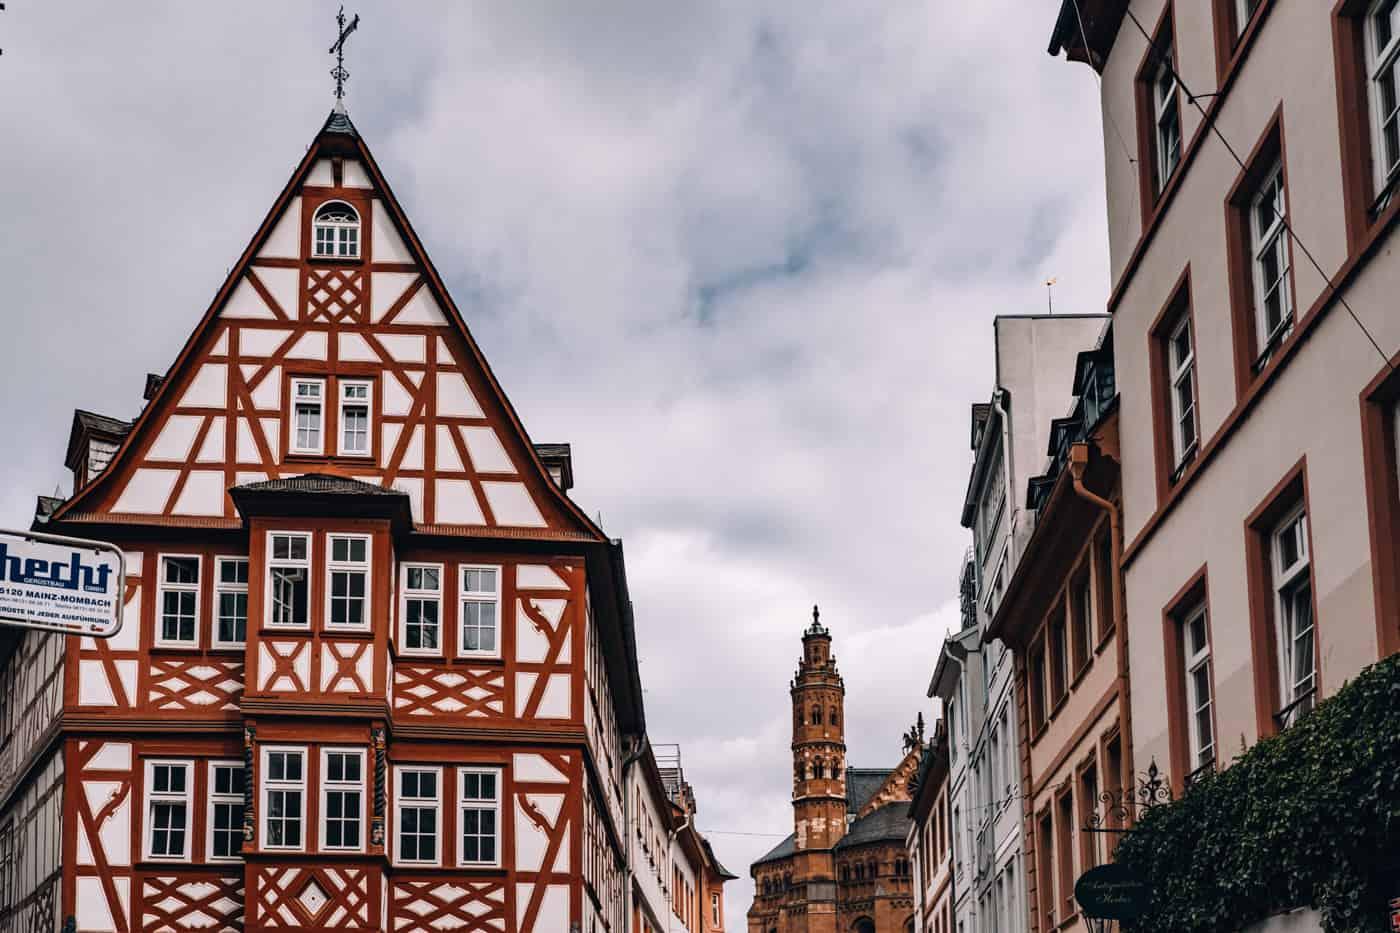 Mainz - Sehenswürdigkeiten, schönste Ecken, Essens- & Insider Tipps: Augustinerstraße